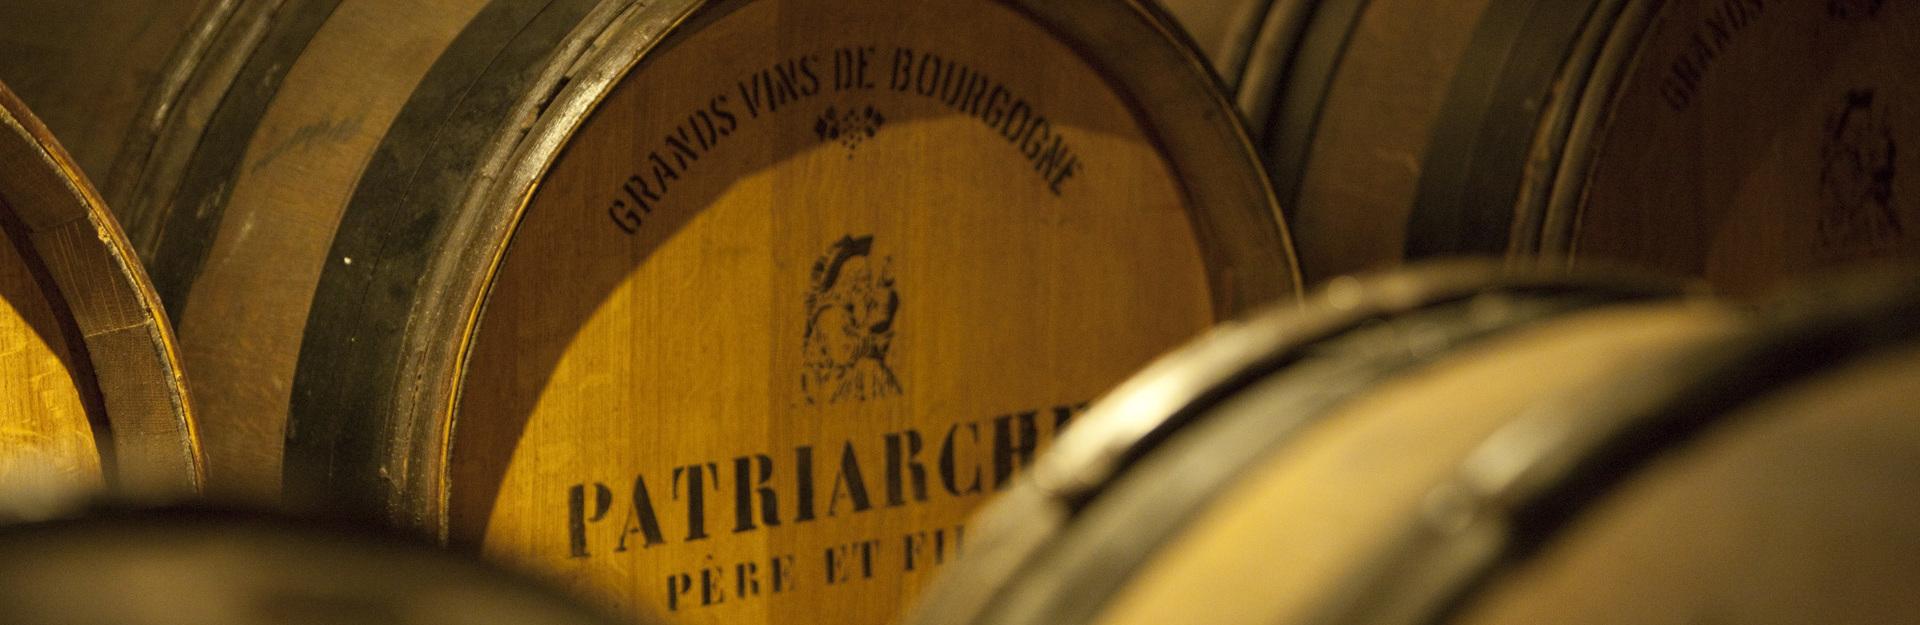 Maison Patriarche